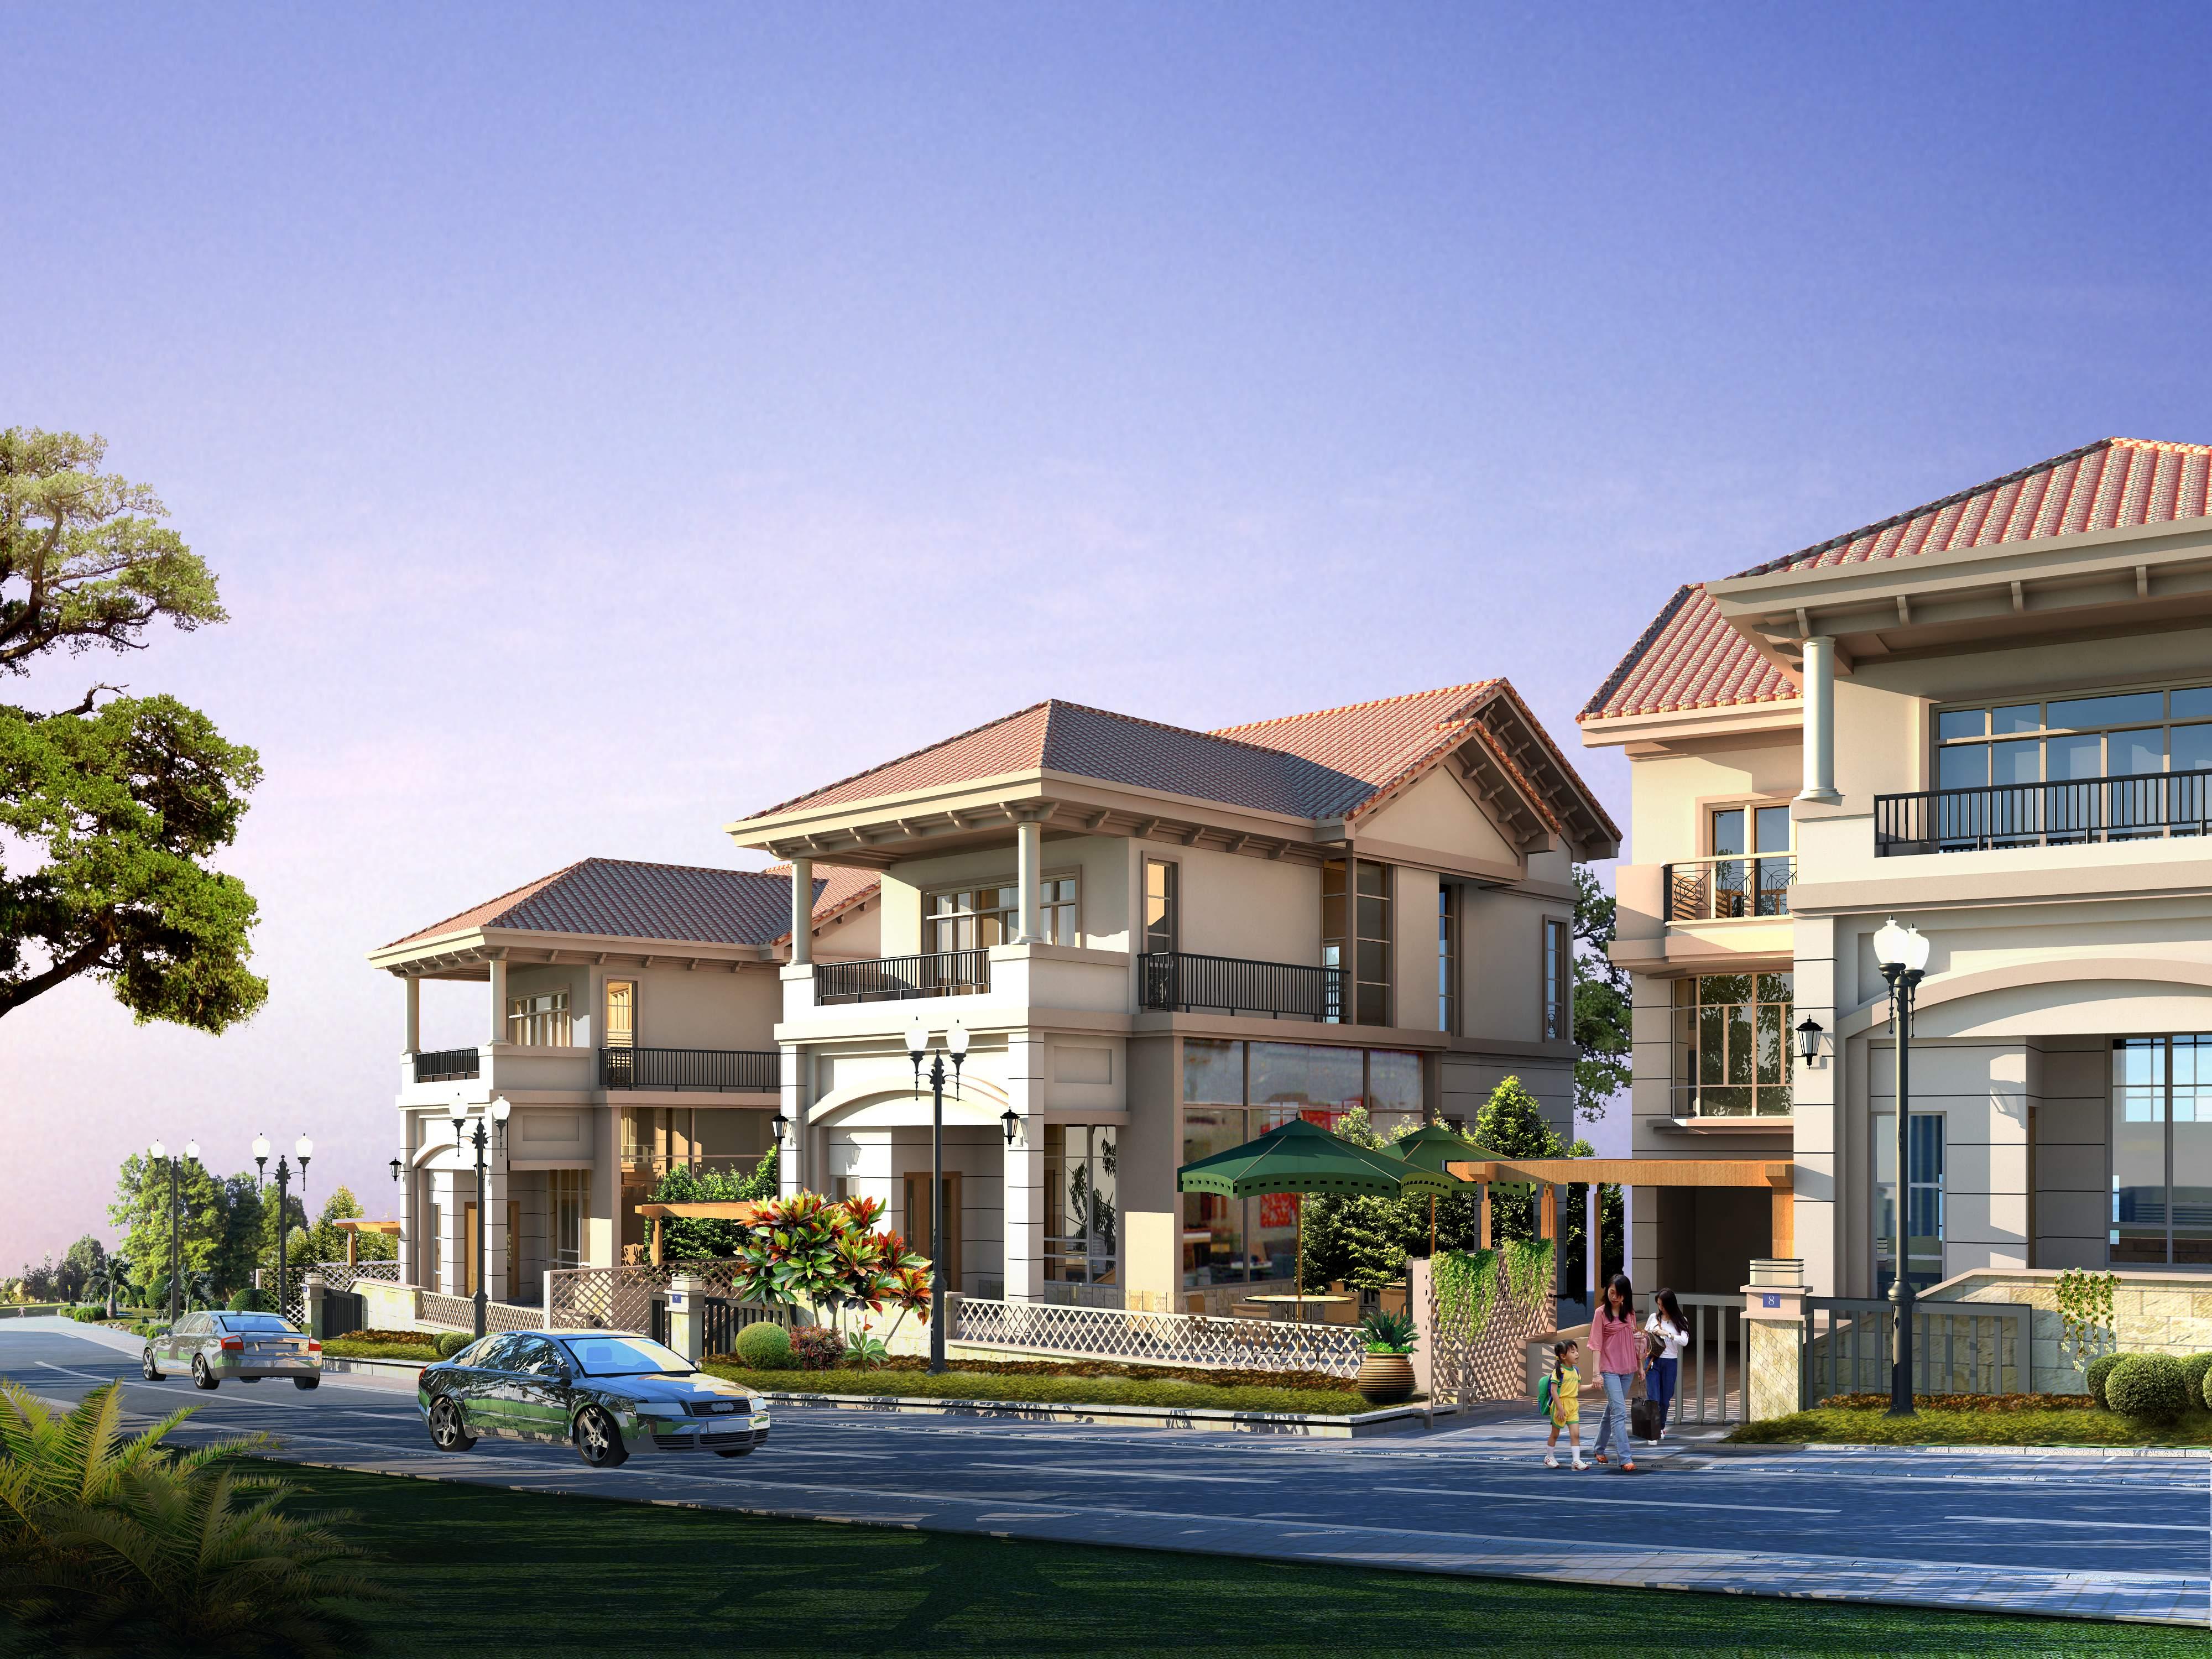 2011新别墅             2011新出私家别墅全套建筑施工图含唯美效果